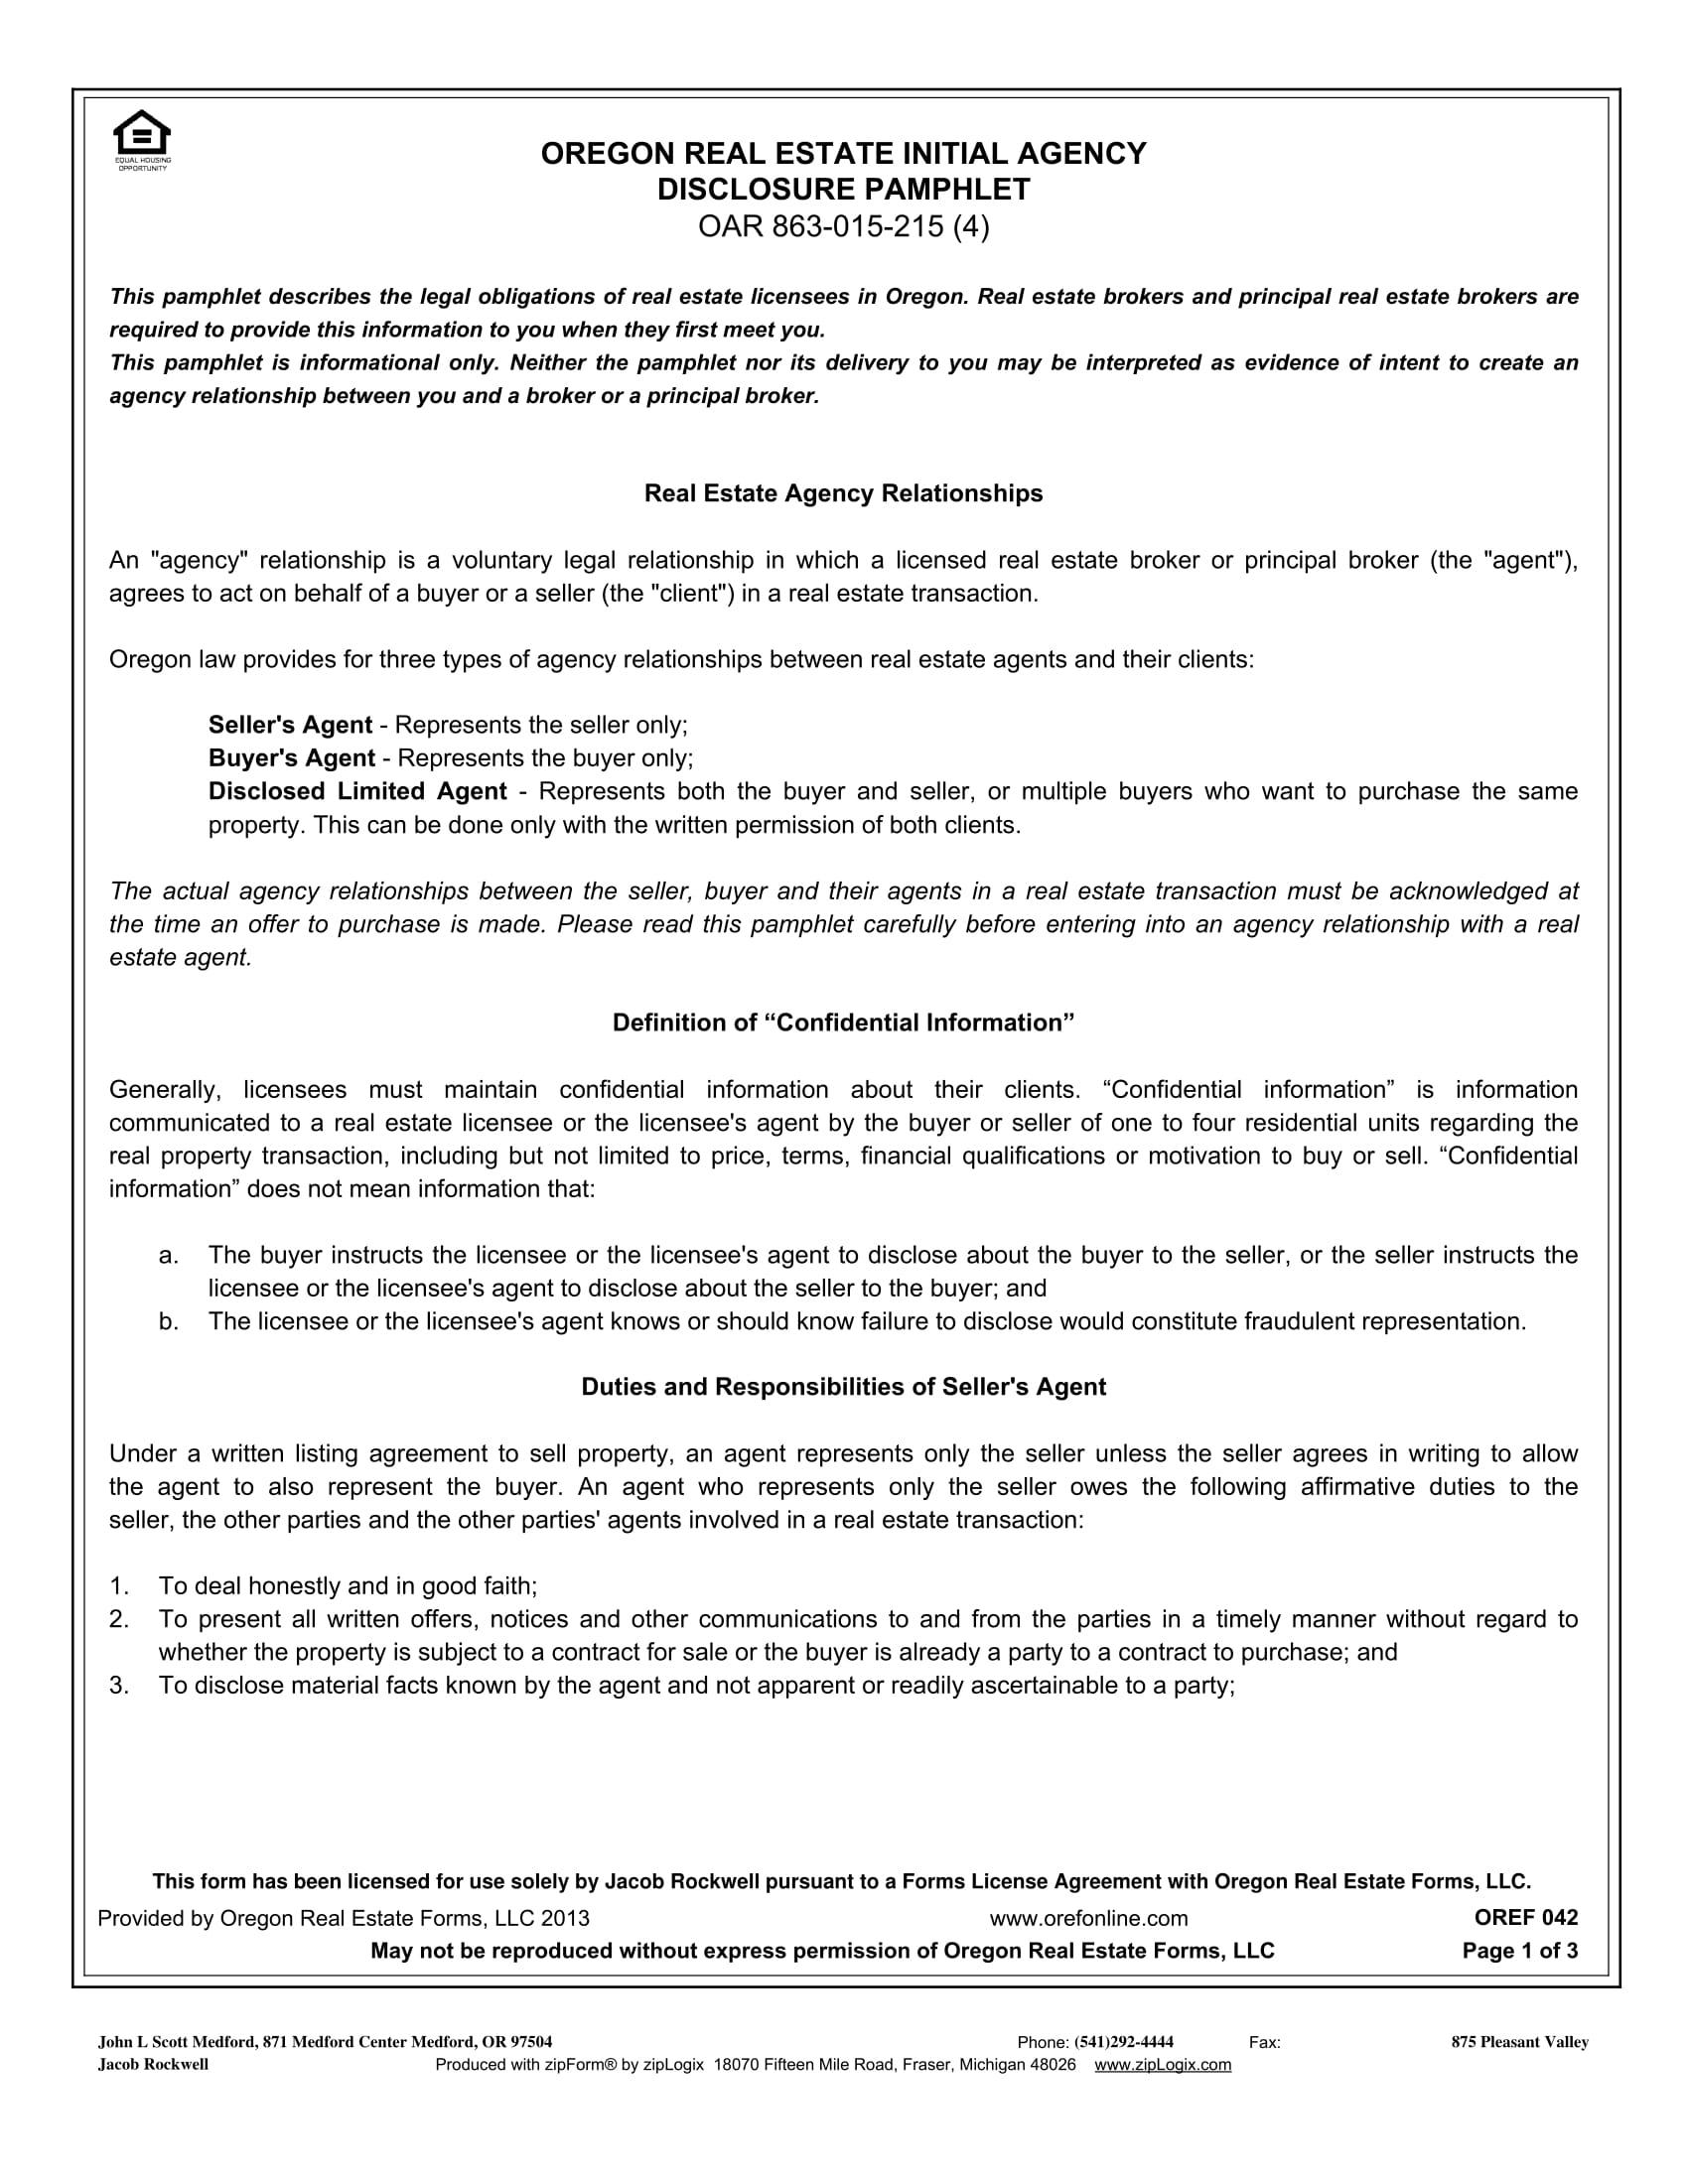 Oregon Real Estate Agency Disclosure Pamphlet